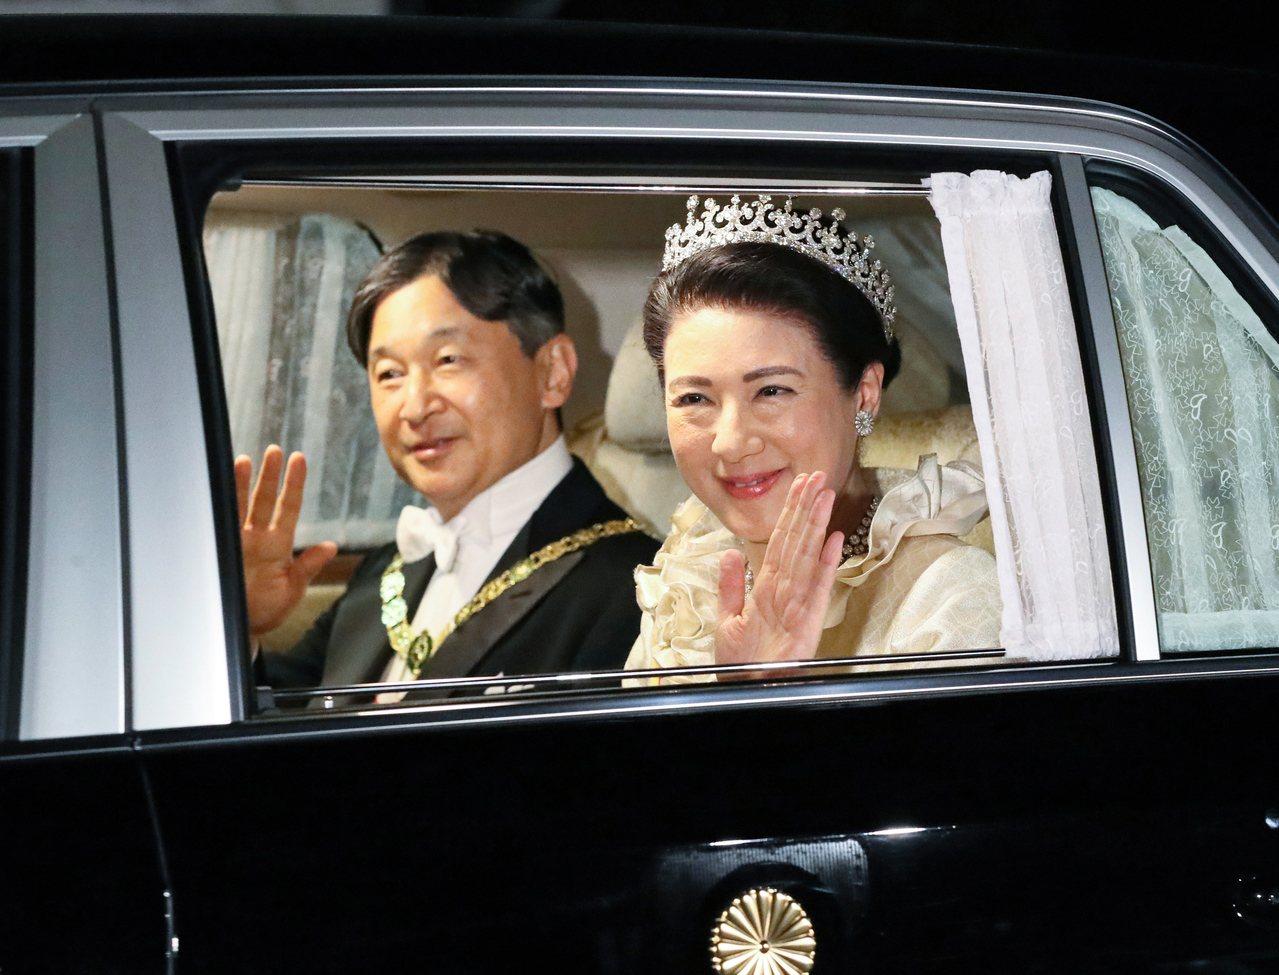 日皇德仁夫婦22日晚間乘車前往皇居參加祝賀宴。(歐新社)